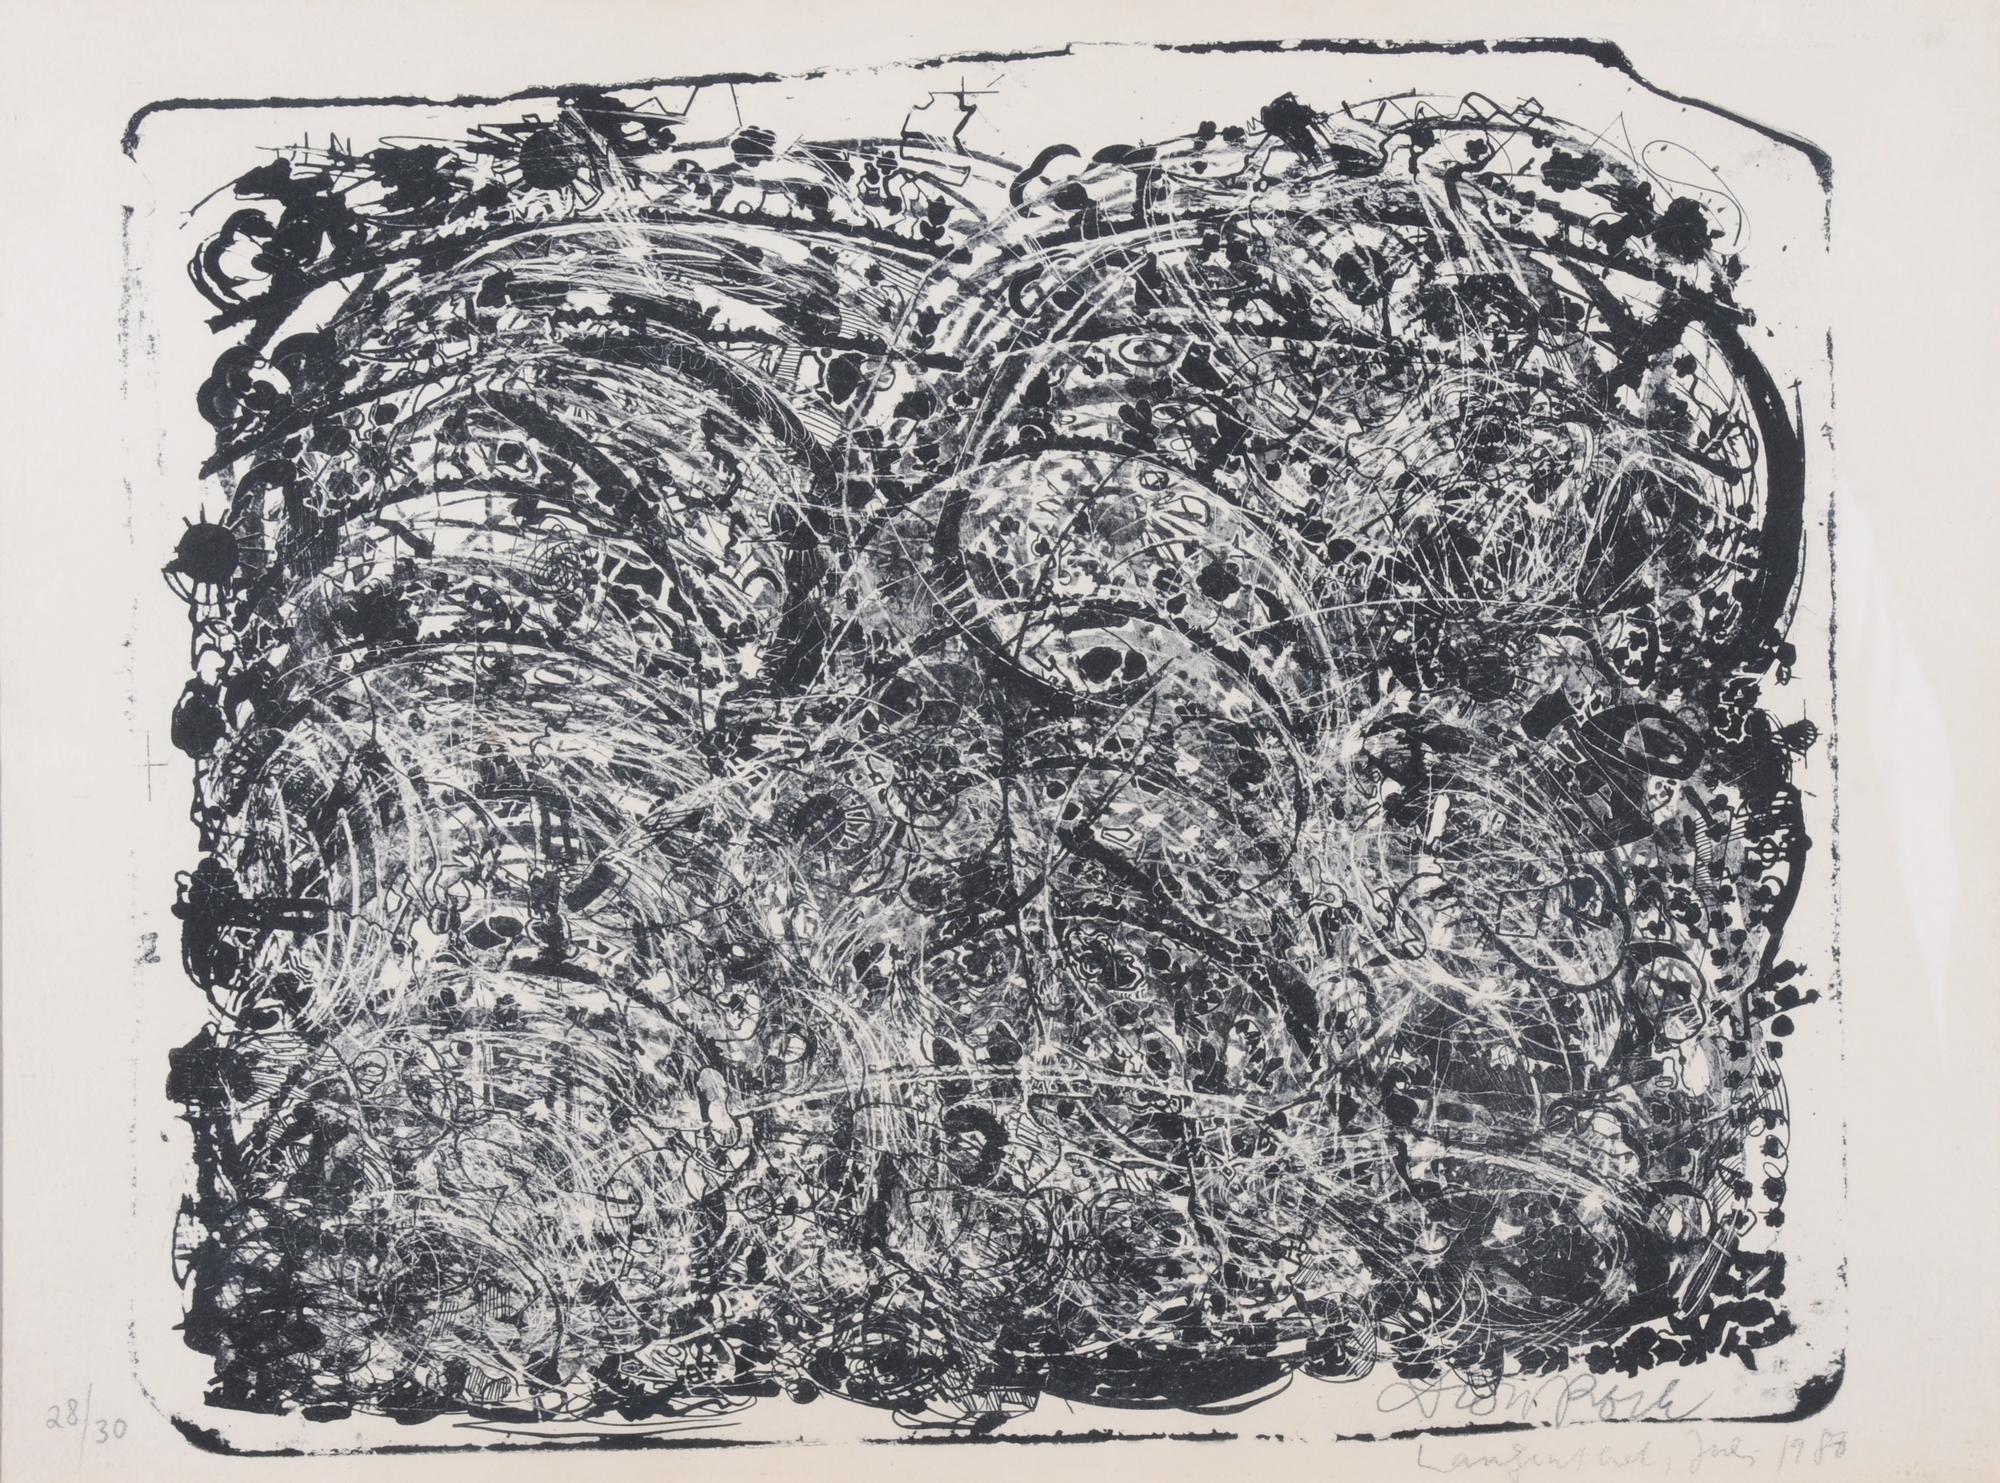 Roth Dieter, 2 sheets: Euro-Chinesischer Porzellanstein, 1986; Porzellanstein III, 1986